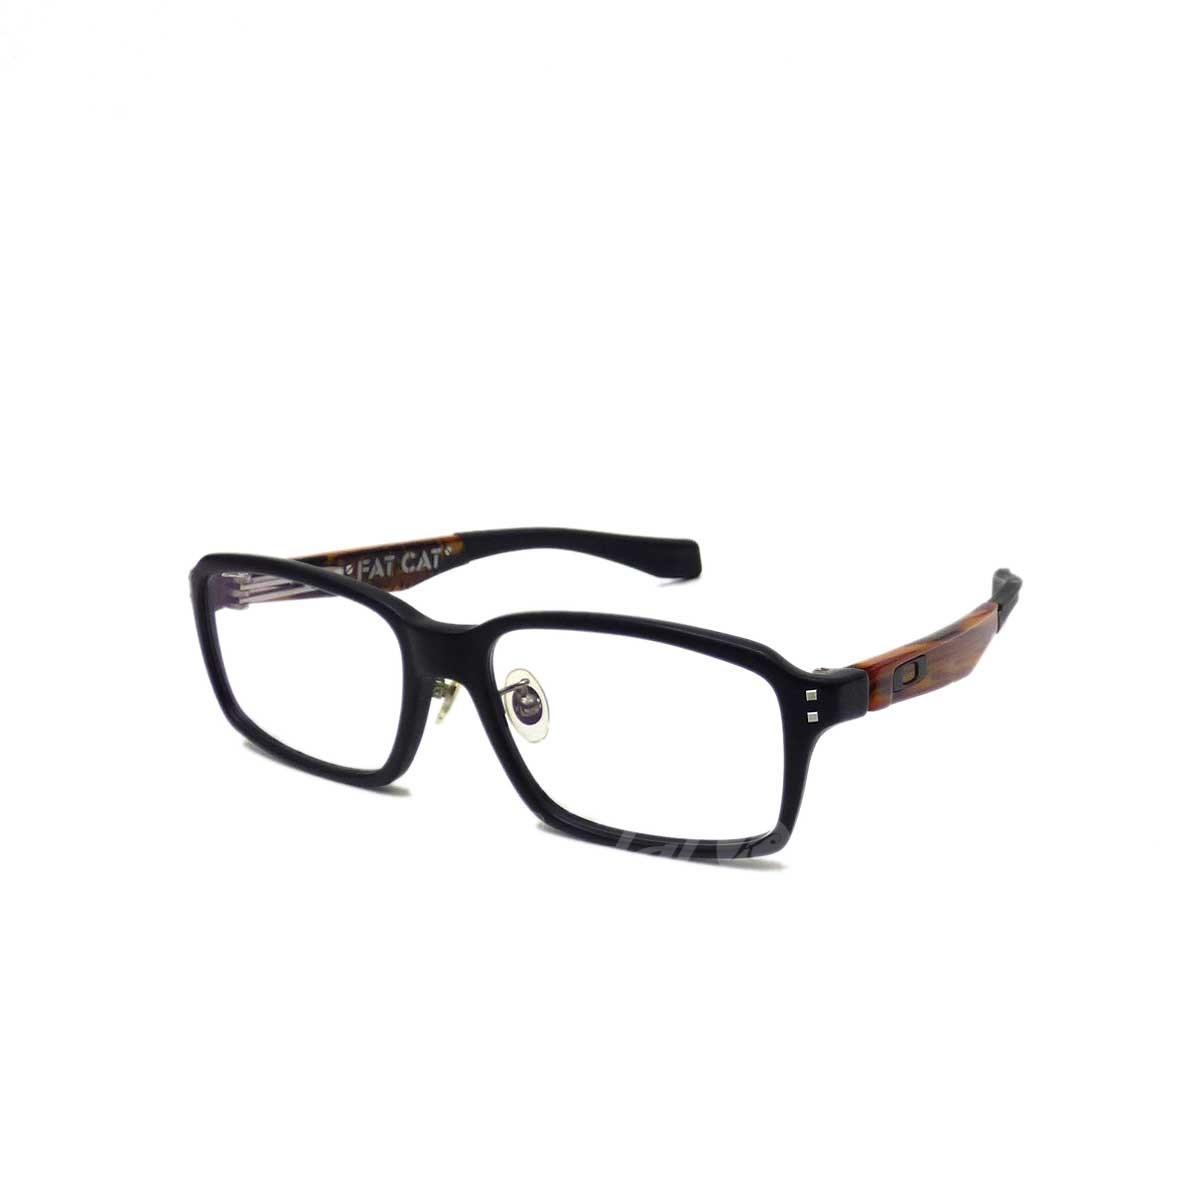 【中古】OAKLEY FATCAT メガネ ブラック サイズ:54□17 140 【送料無料】 【080419】(オークリー)